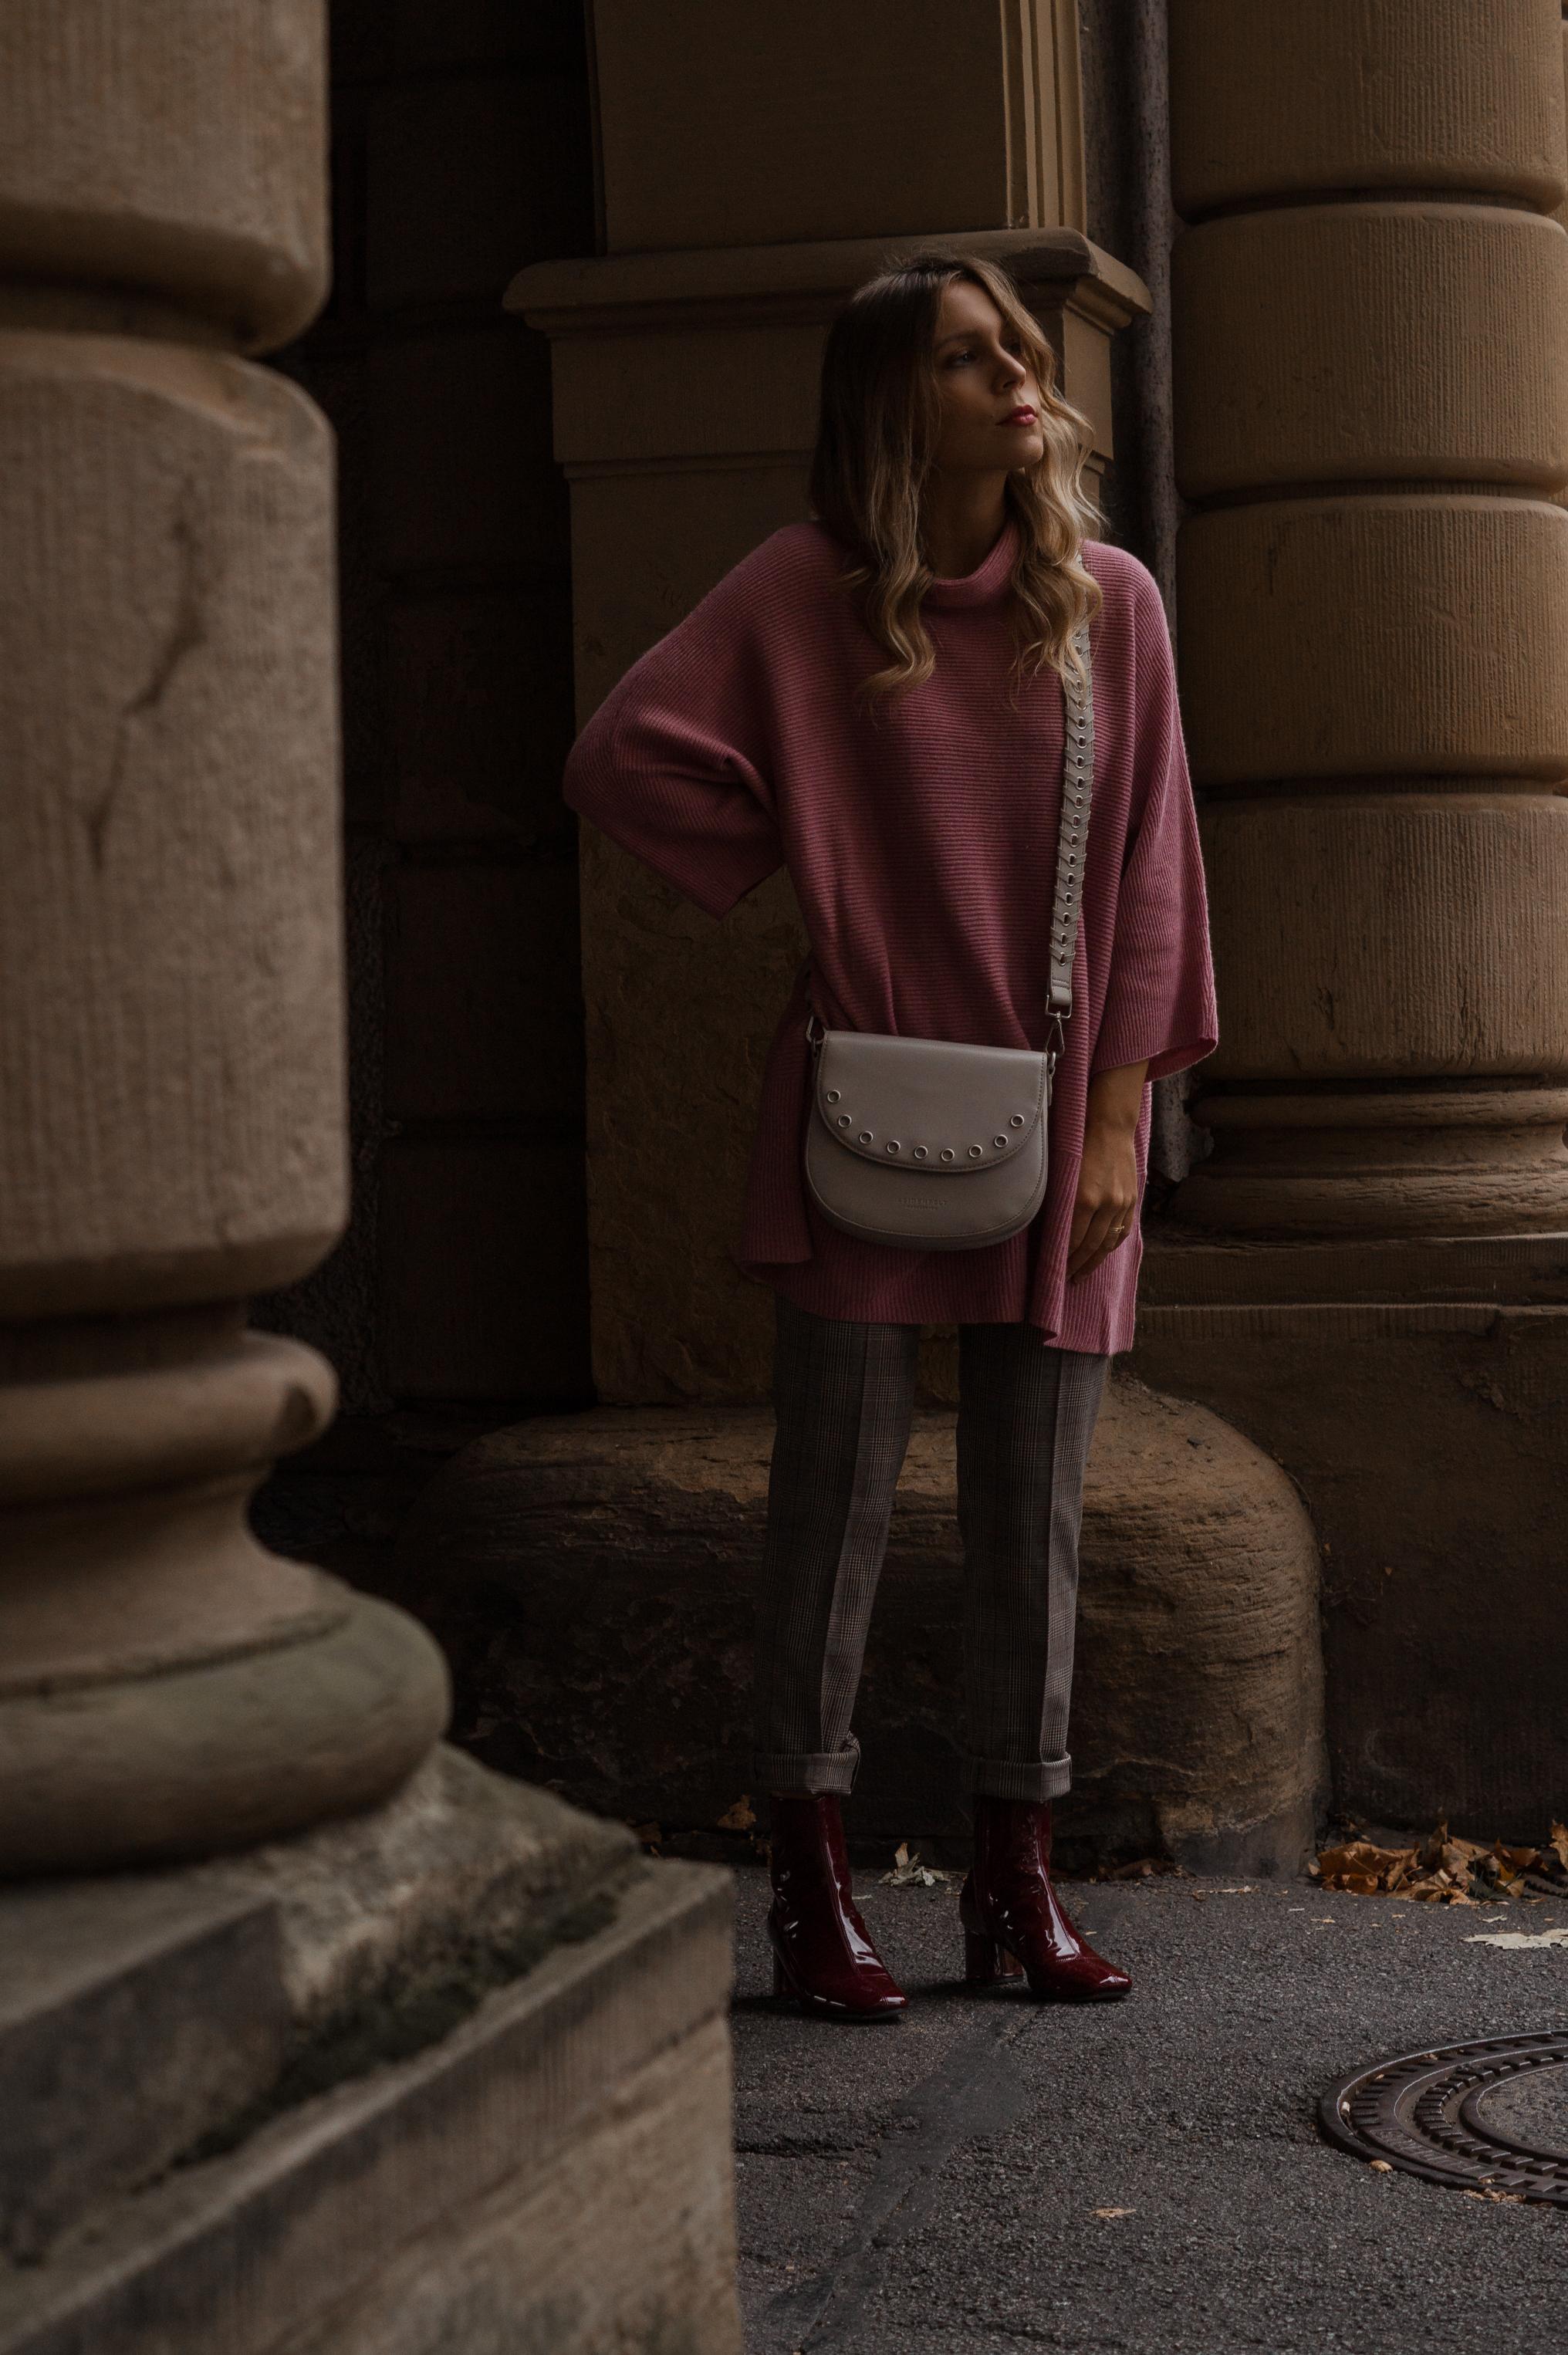 Instagram-Frust Seidenfelt Tasche Modeblogger Heidelberg Sariety Fashionblog Sarah Schäfer karierte Hose rote Lackschuhe_8